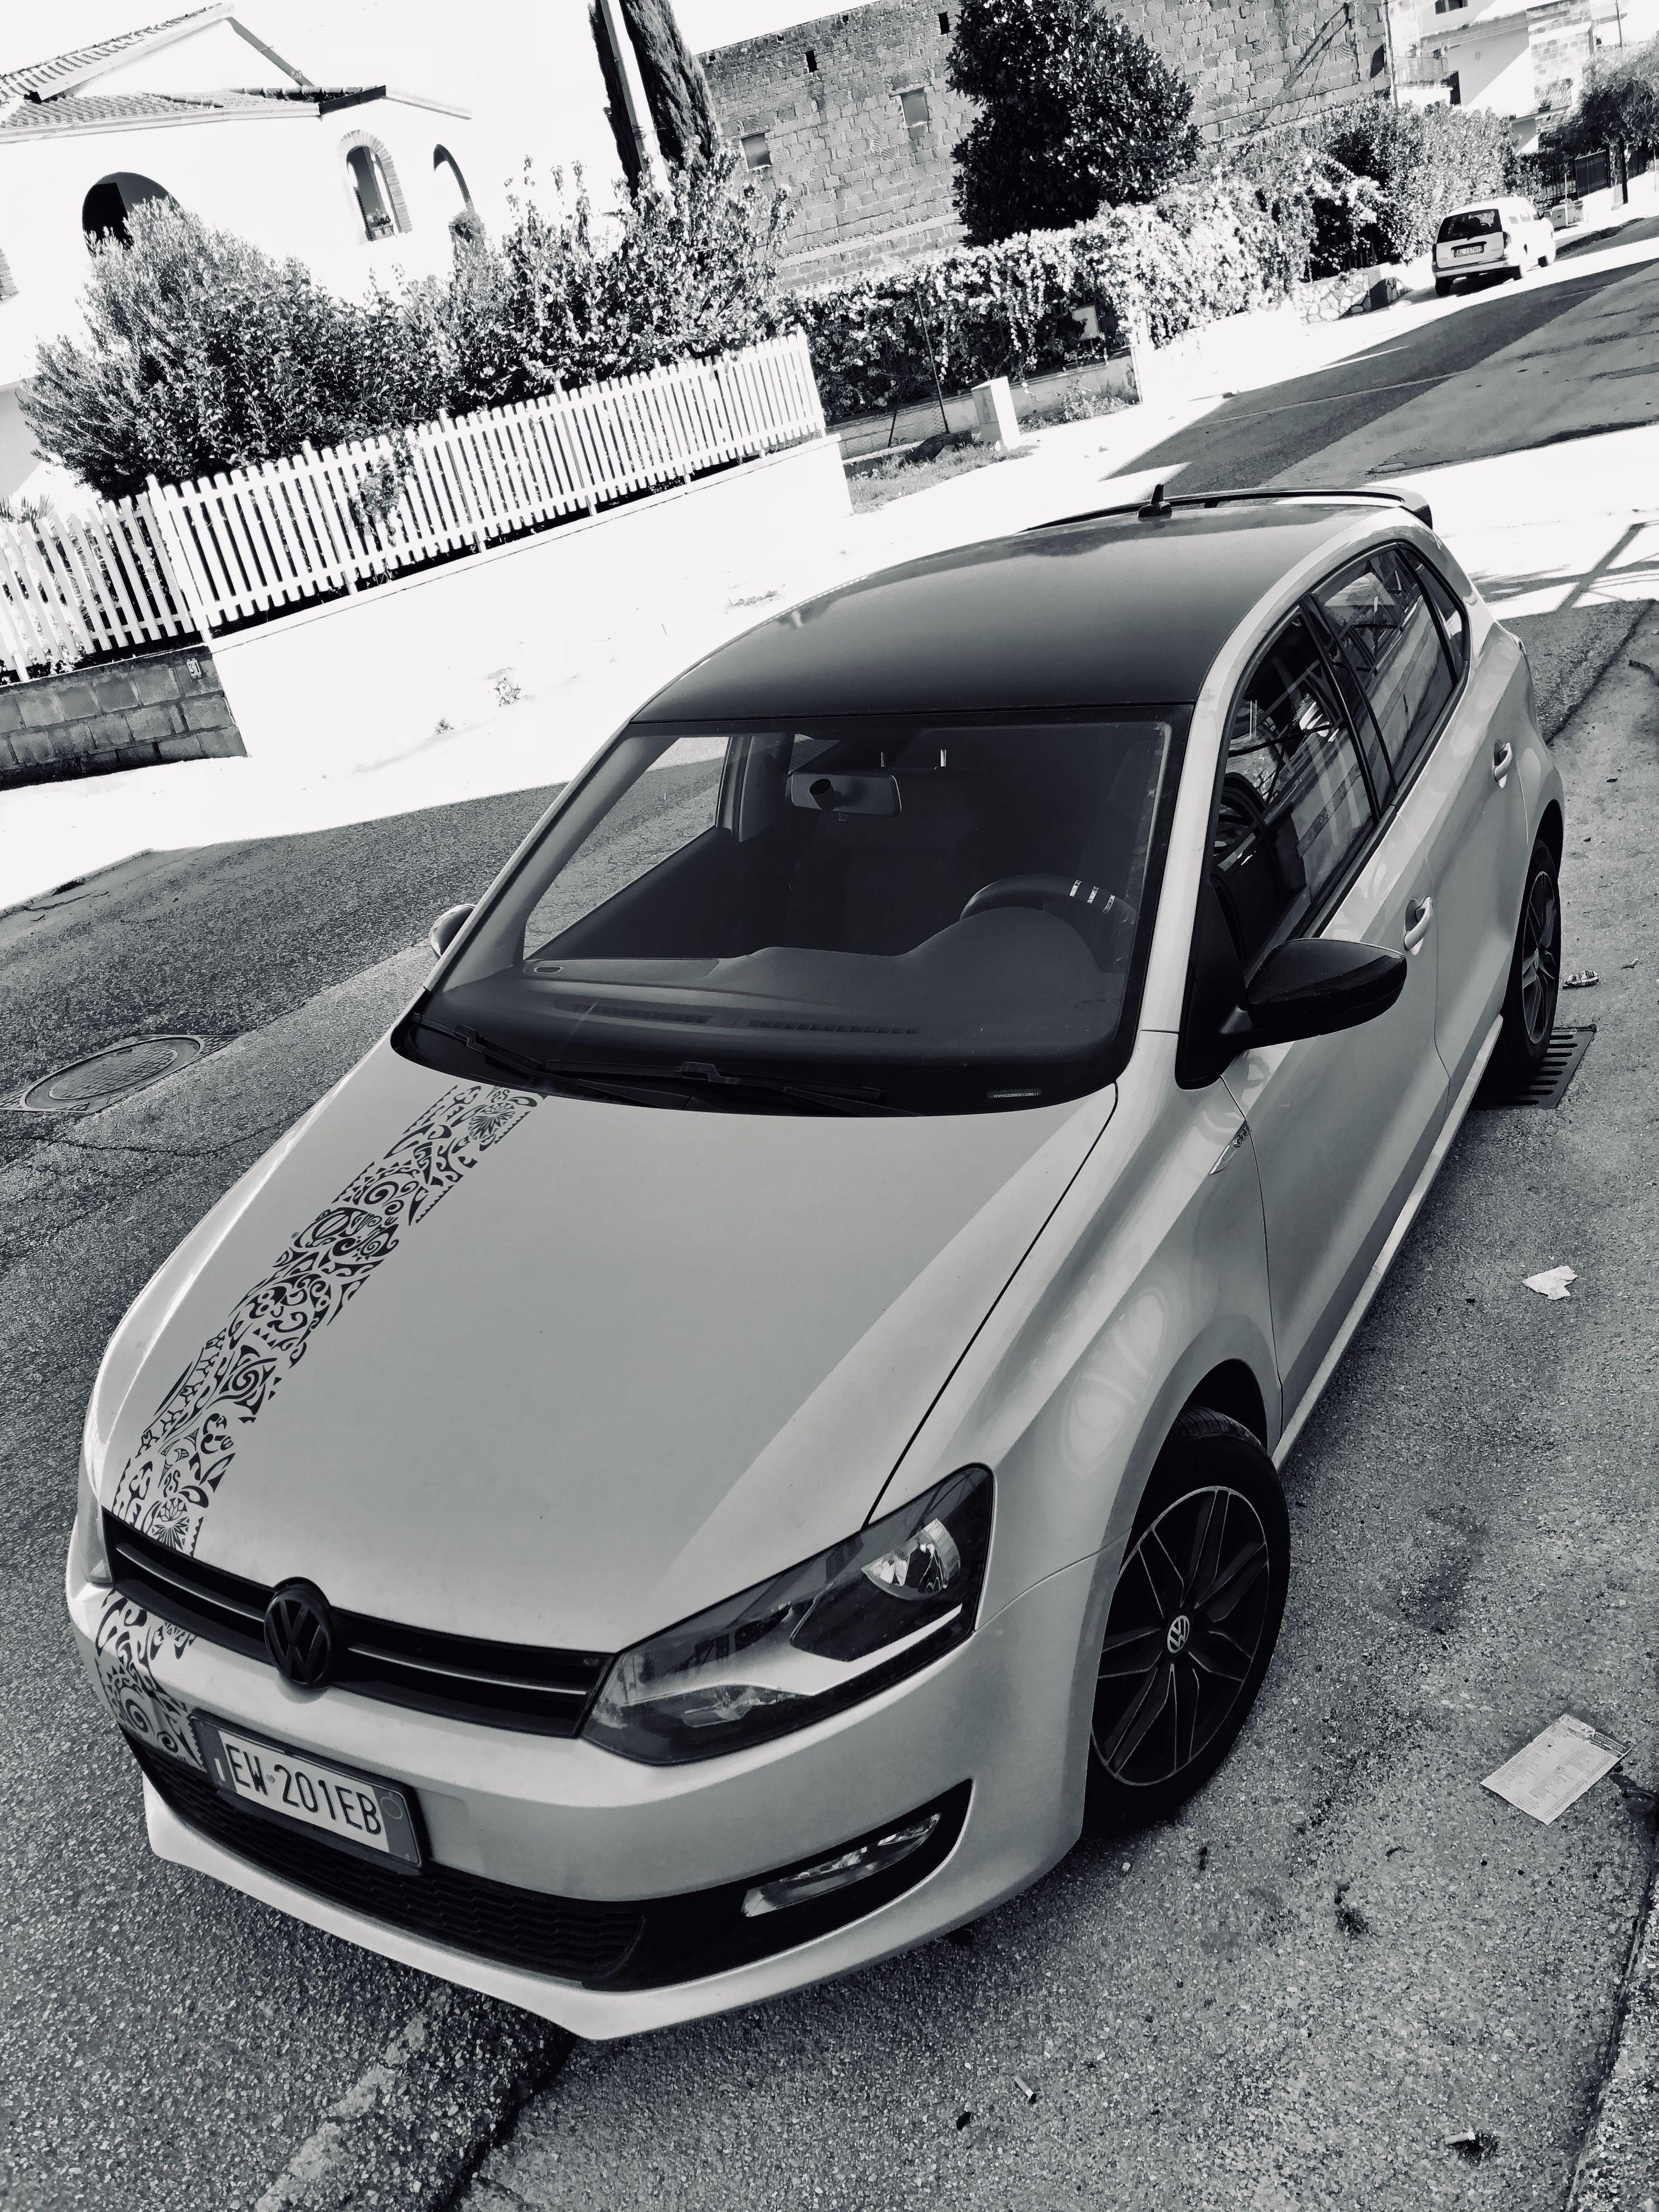 Volkswagen Polo 6r Limited Vinilos Para Autos Autos Deportivos Cosas De Coche